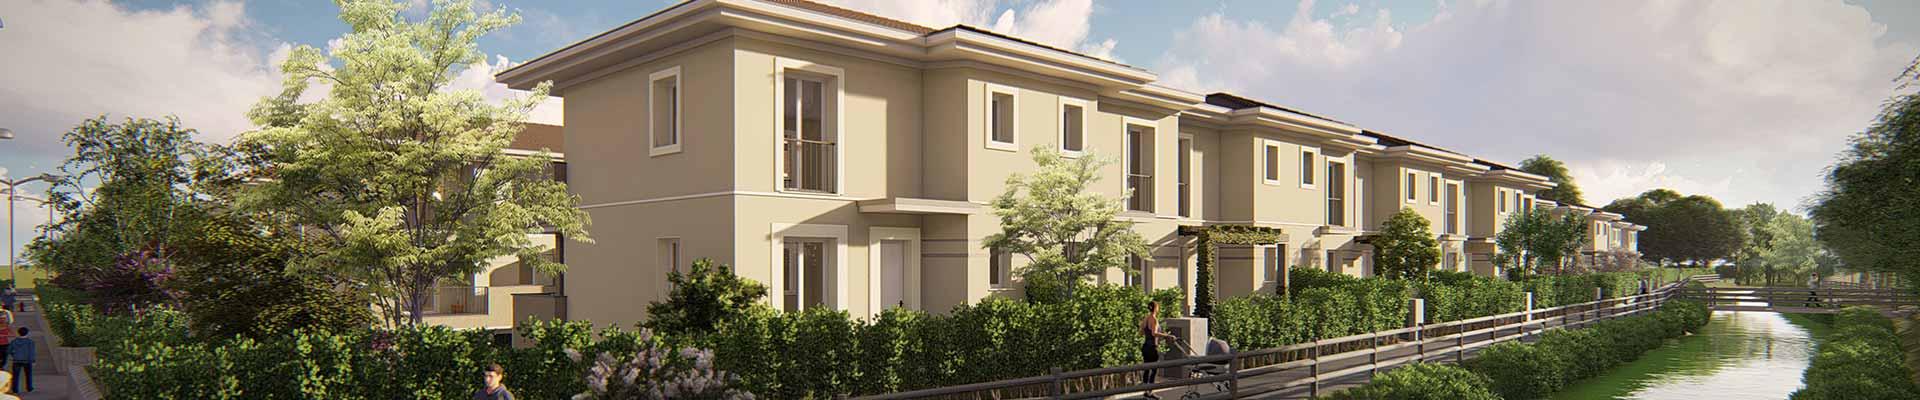 Residenza Cascina Gaita Vivere header